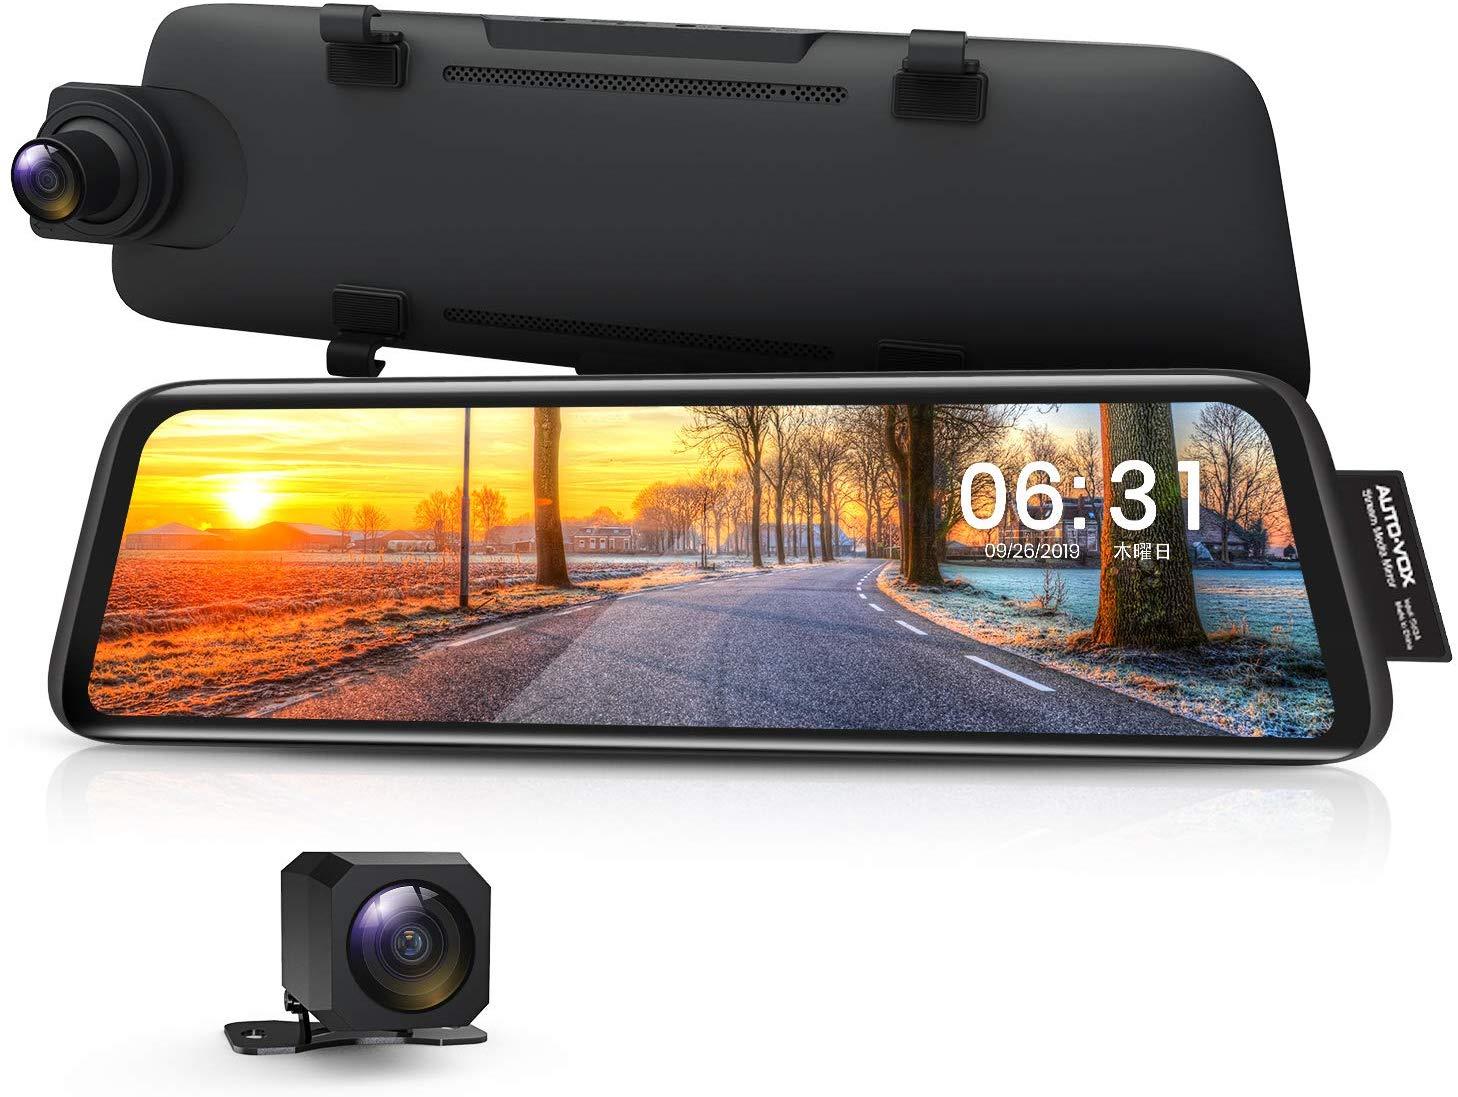 ドライブレコーダー 前後カメラ 前後1080P 右ハンドル仕様 ノイズ対策 デジタルインナーミラー 駐車監視 GPS タッチパネル 2分割画面 2重映像対策 光の反射対策 Sonyセンサー AUTO-VOX V5